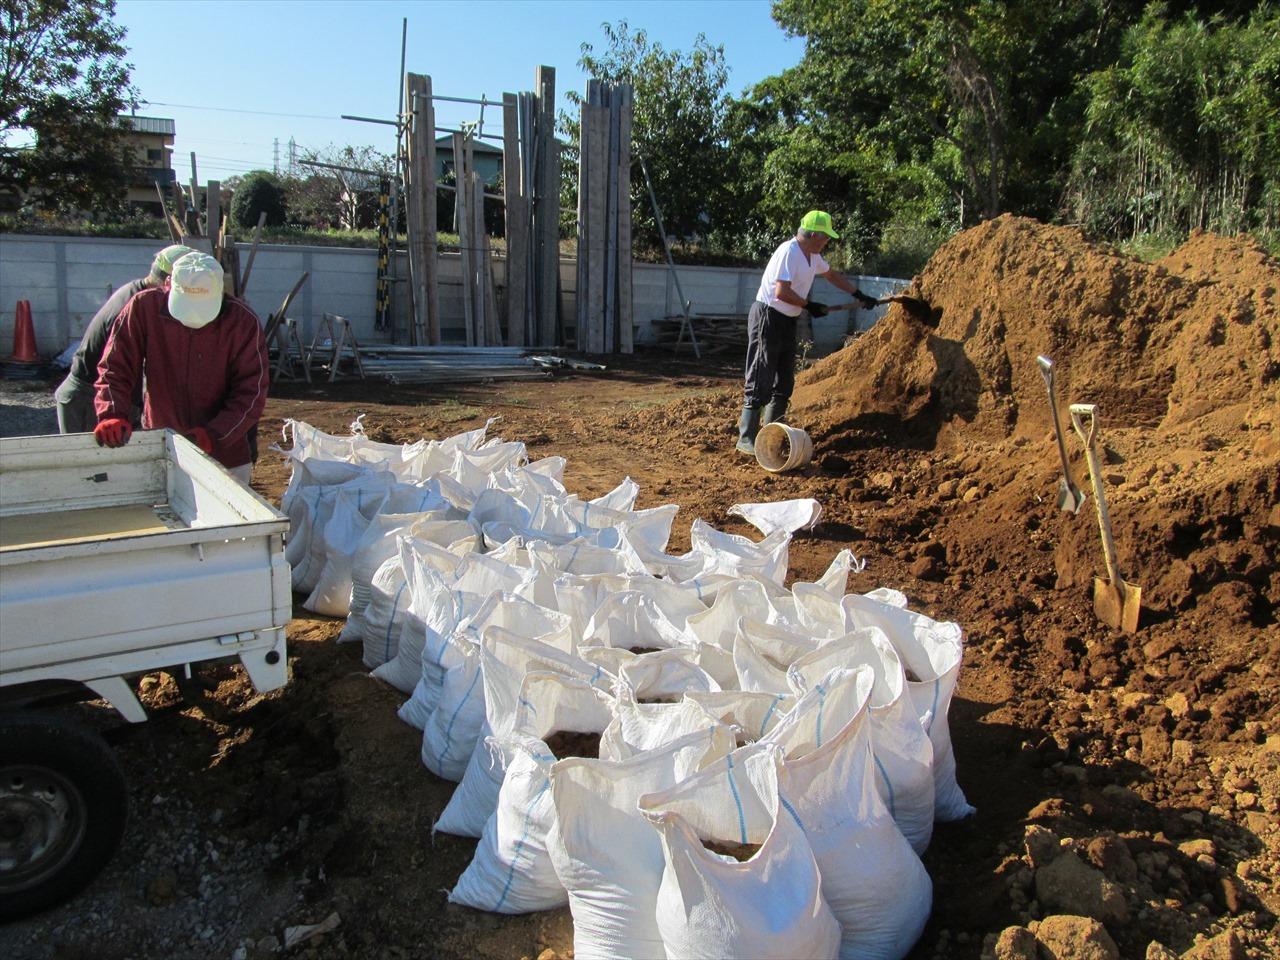 土運搬用土嚢作成